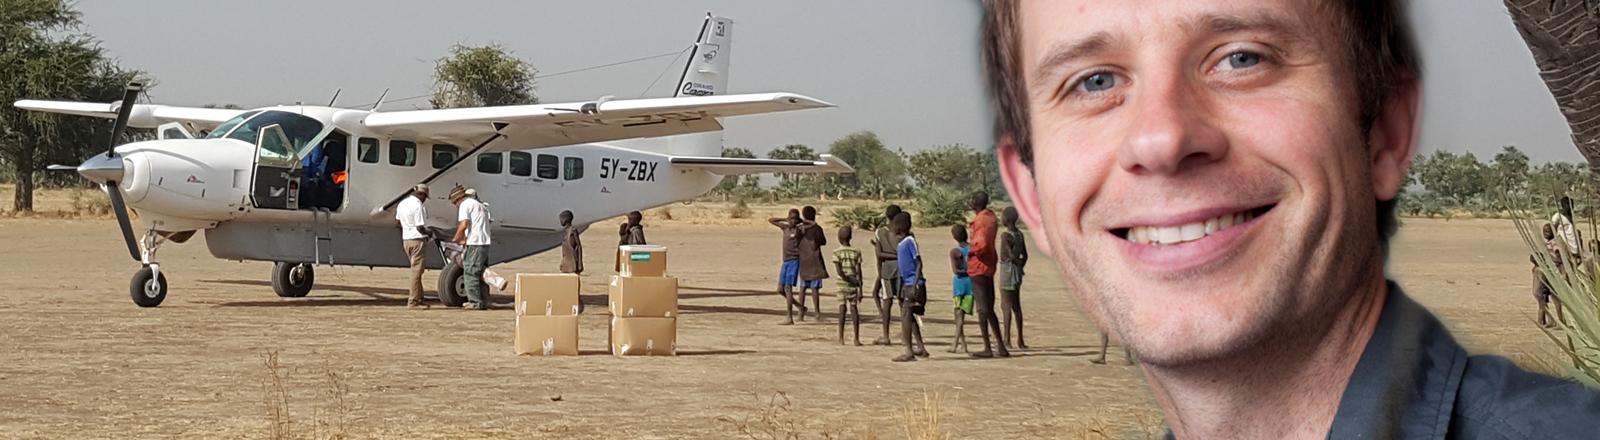 Christian Katzer engagiert sich bei Ärzte ohne Grenzen. Nicolas Peissel | MSF